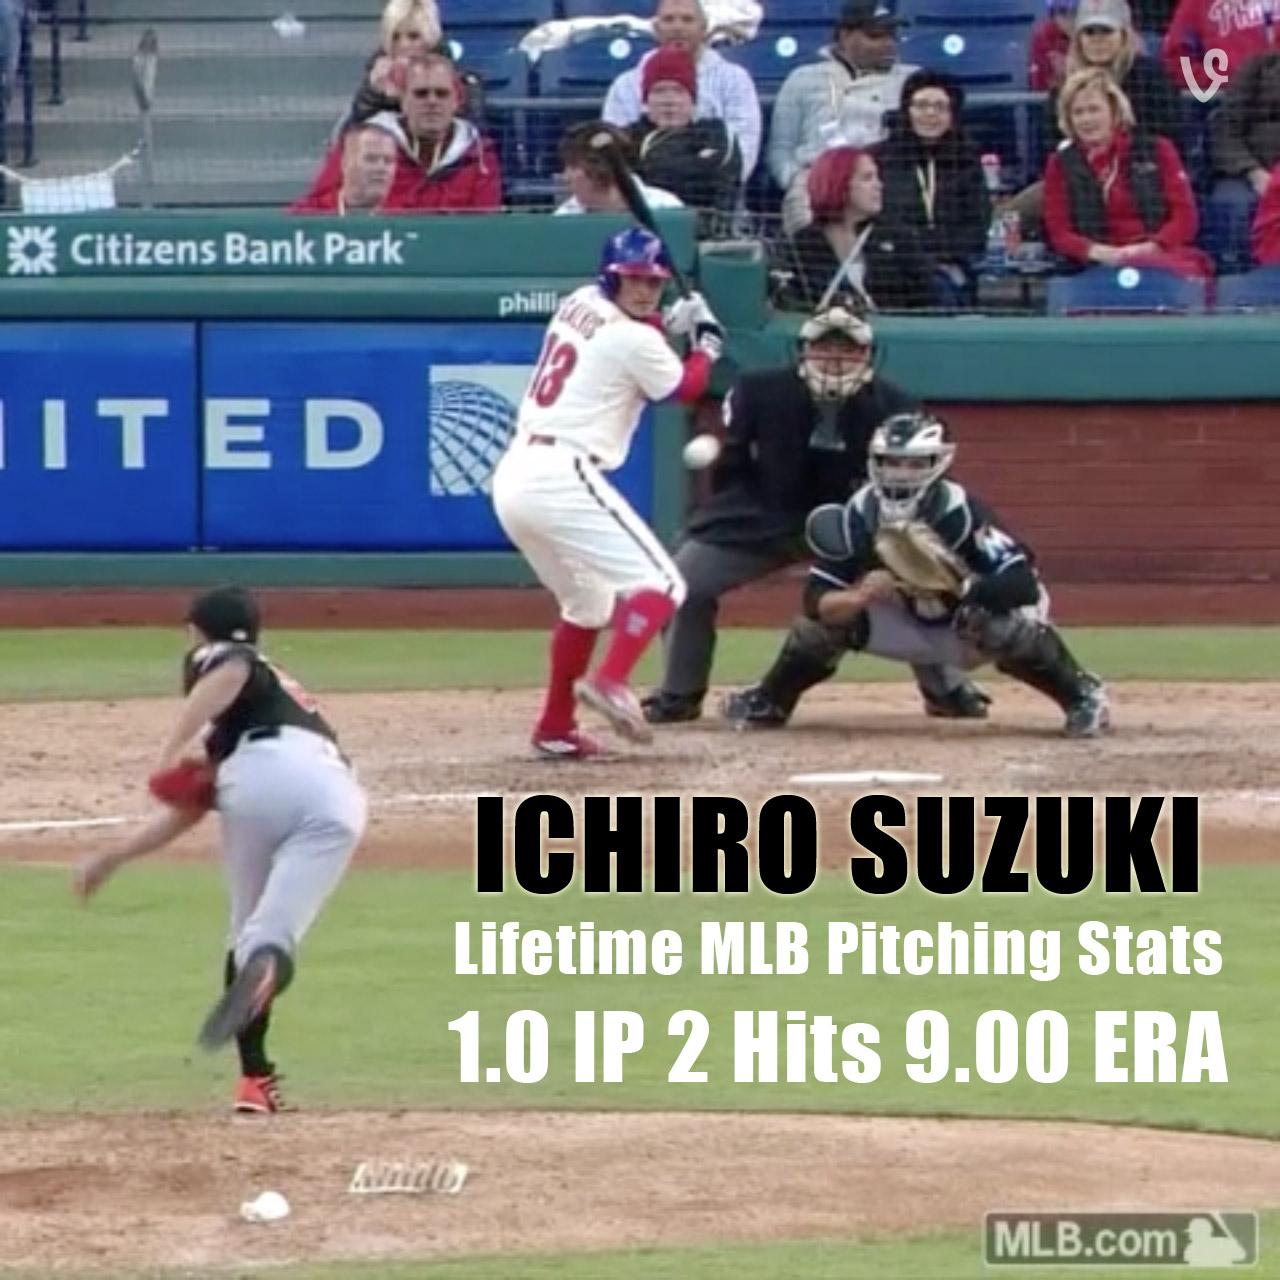 Ichiro Suzuki lifetime MLB pitching stats